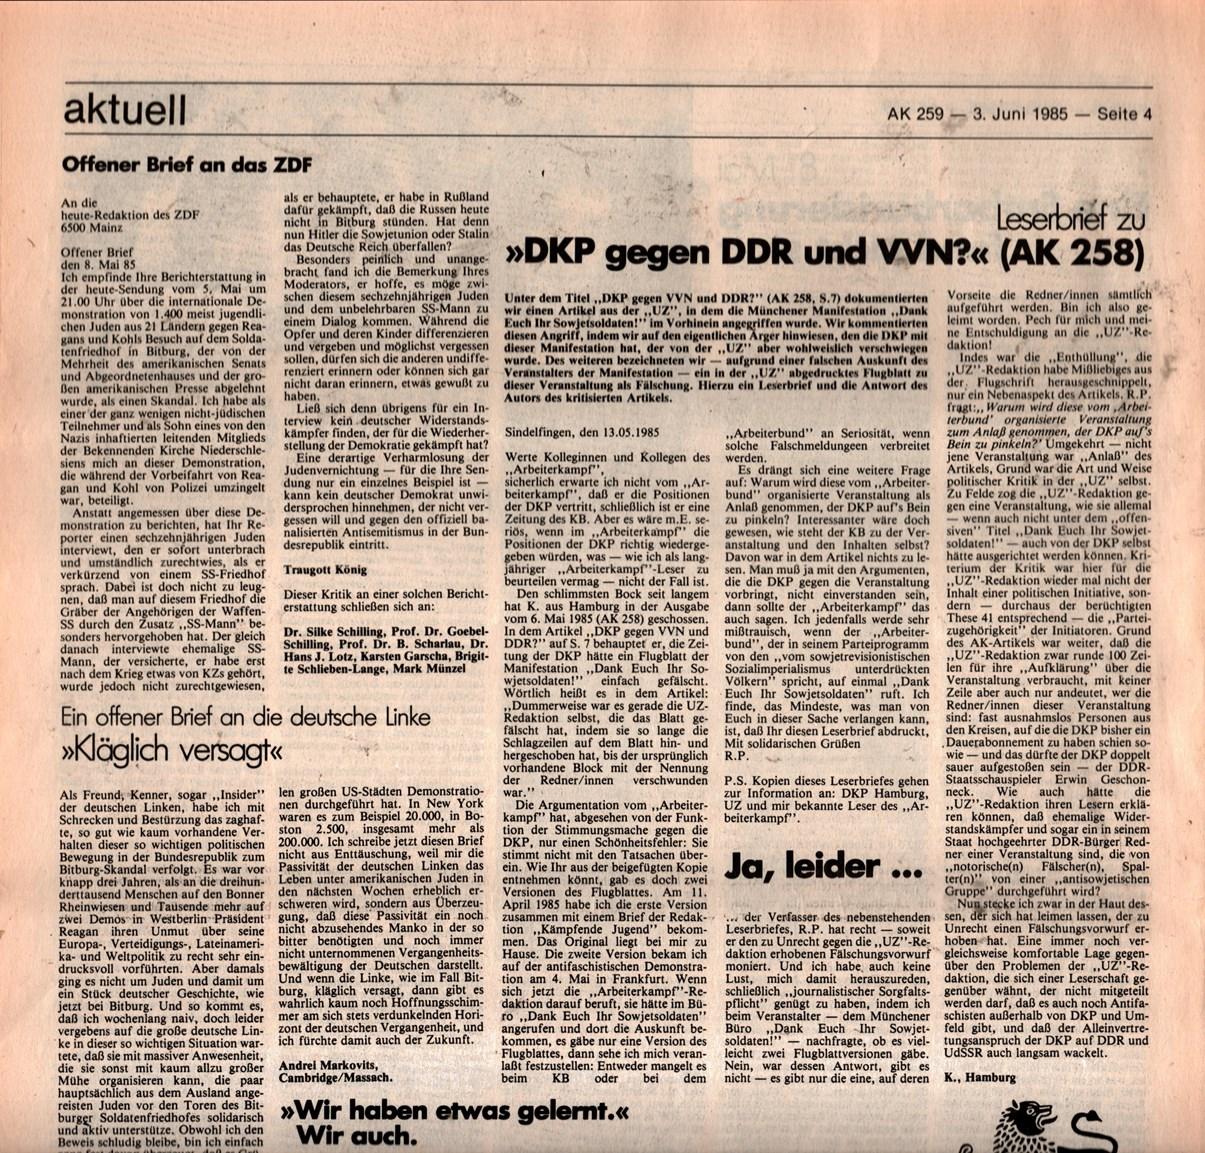 KB_AK_1985_259_007